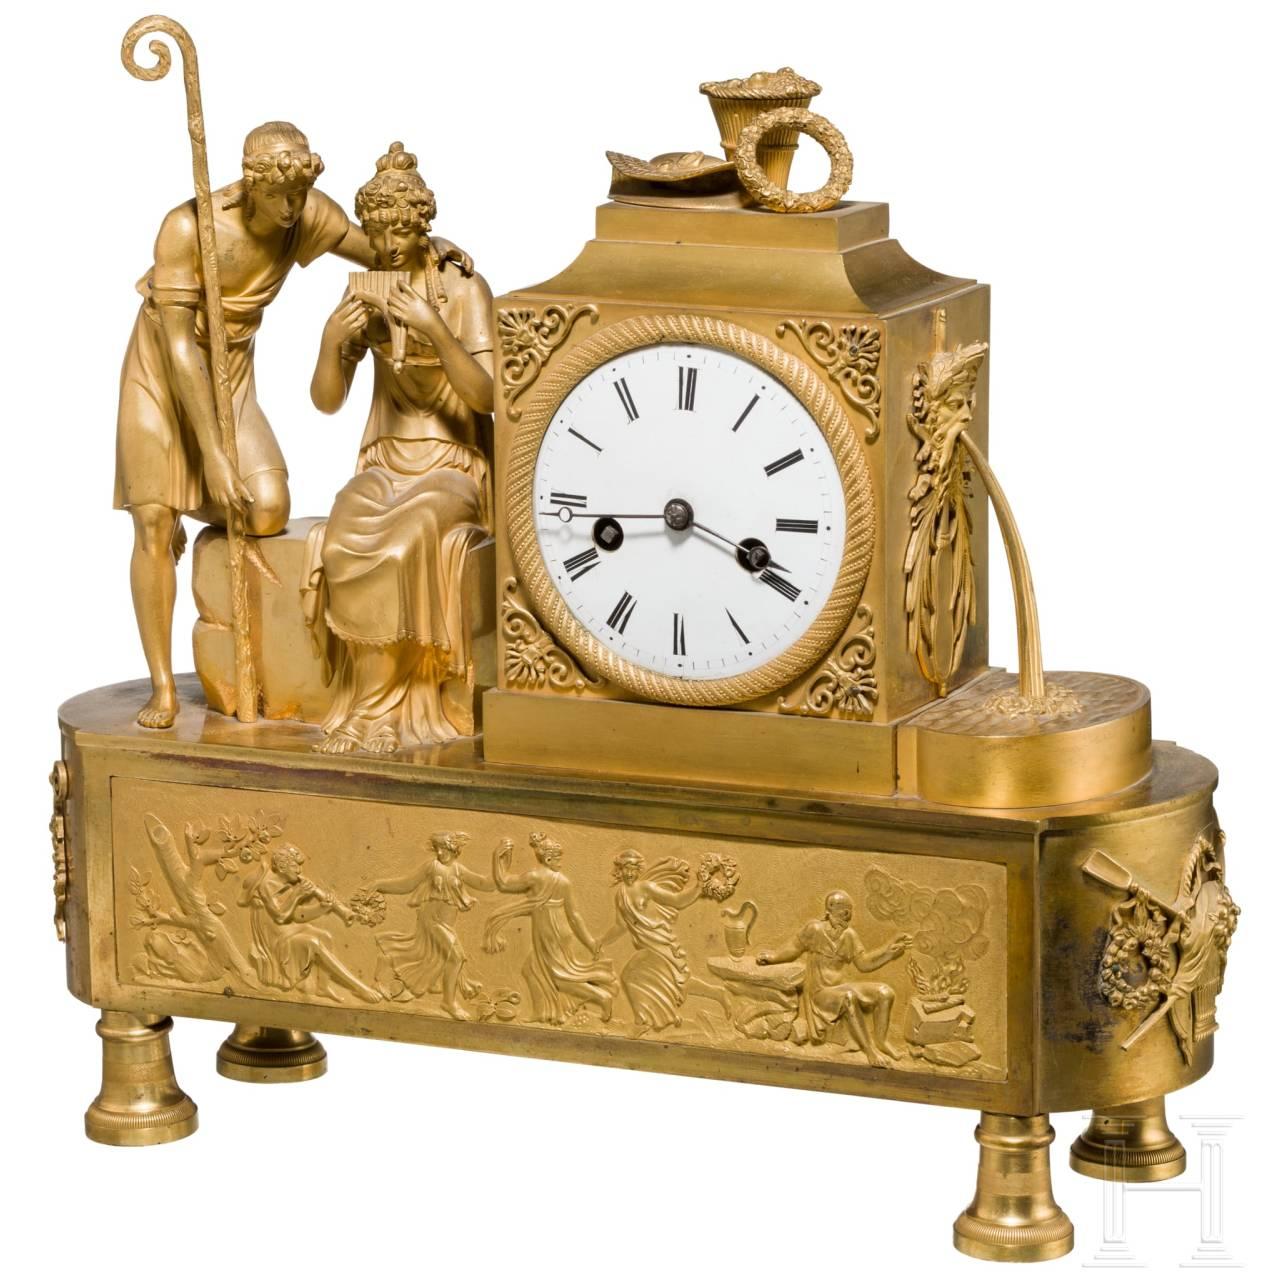 Feuervergoldete Empire-Pendule, Frankreich, um 1810